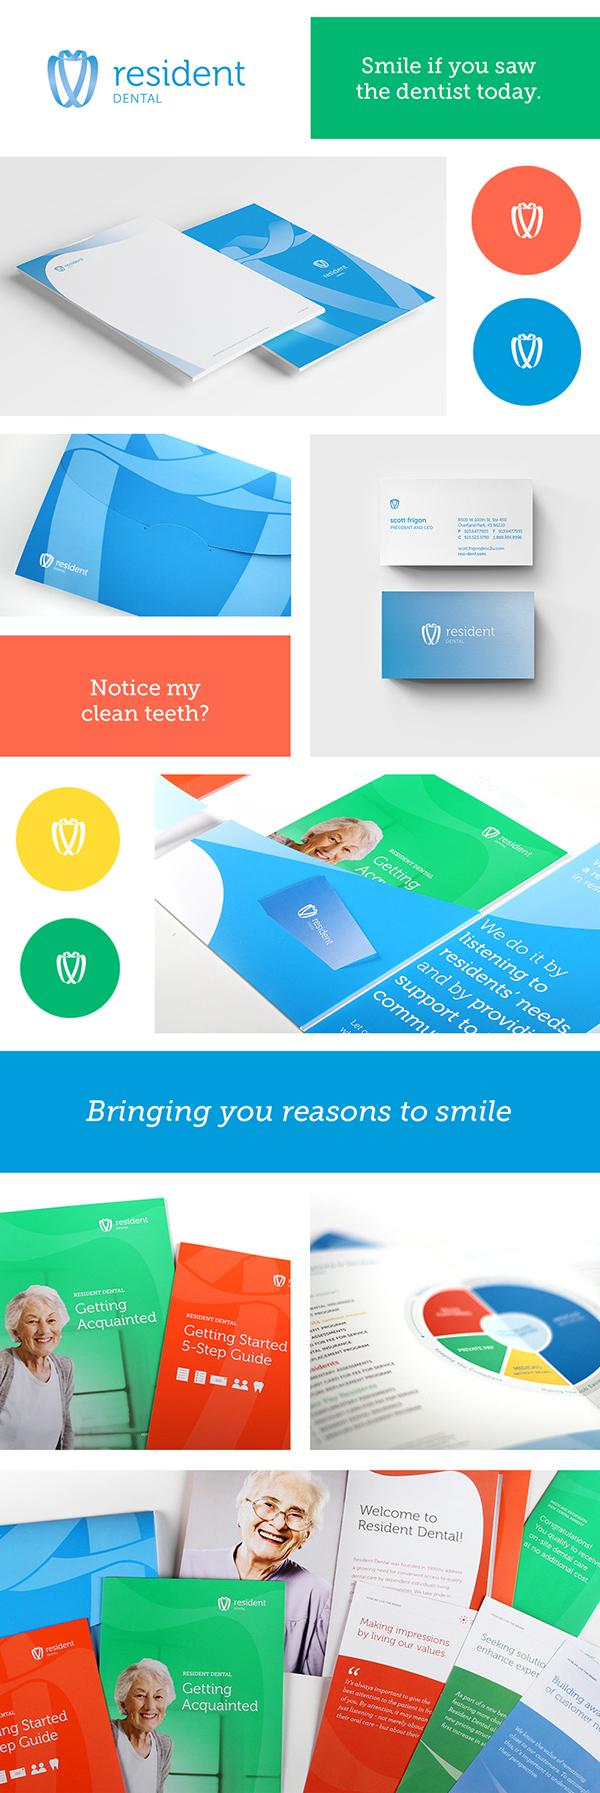 Resident Dental Branding on Behance